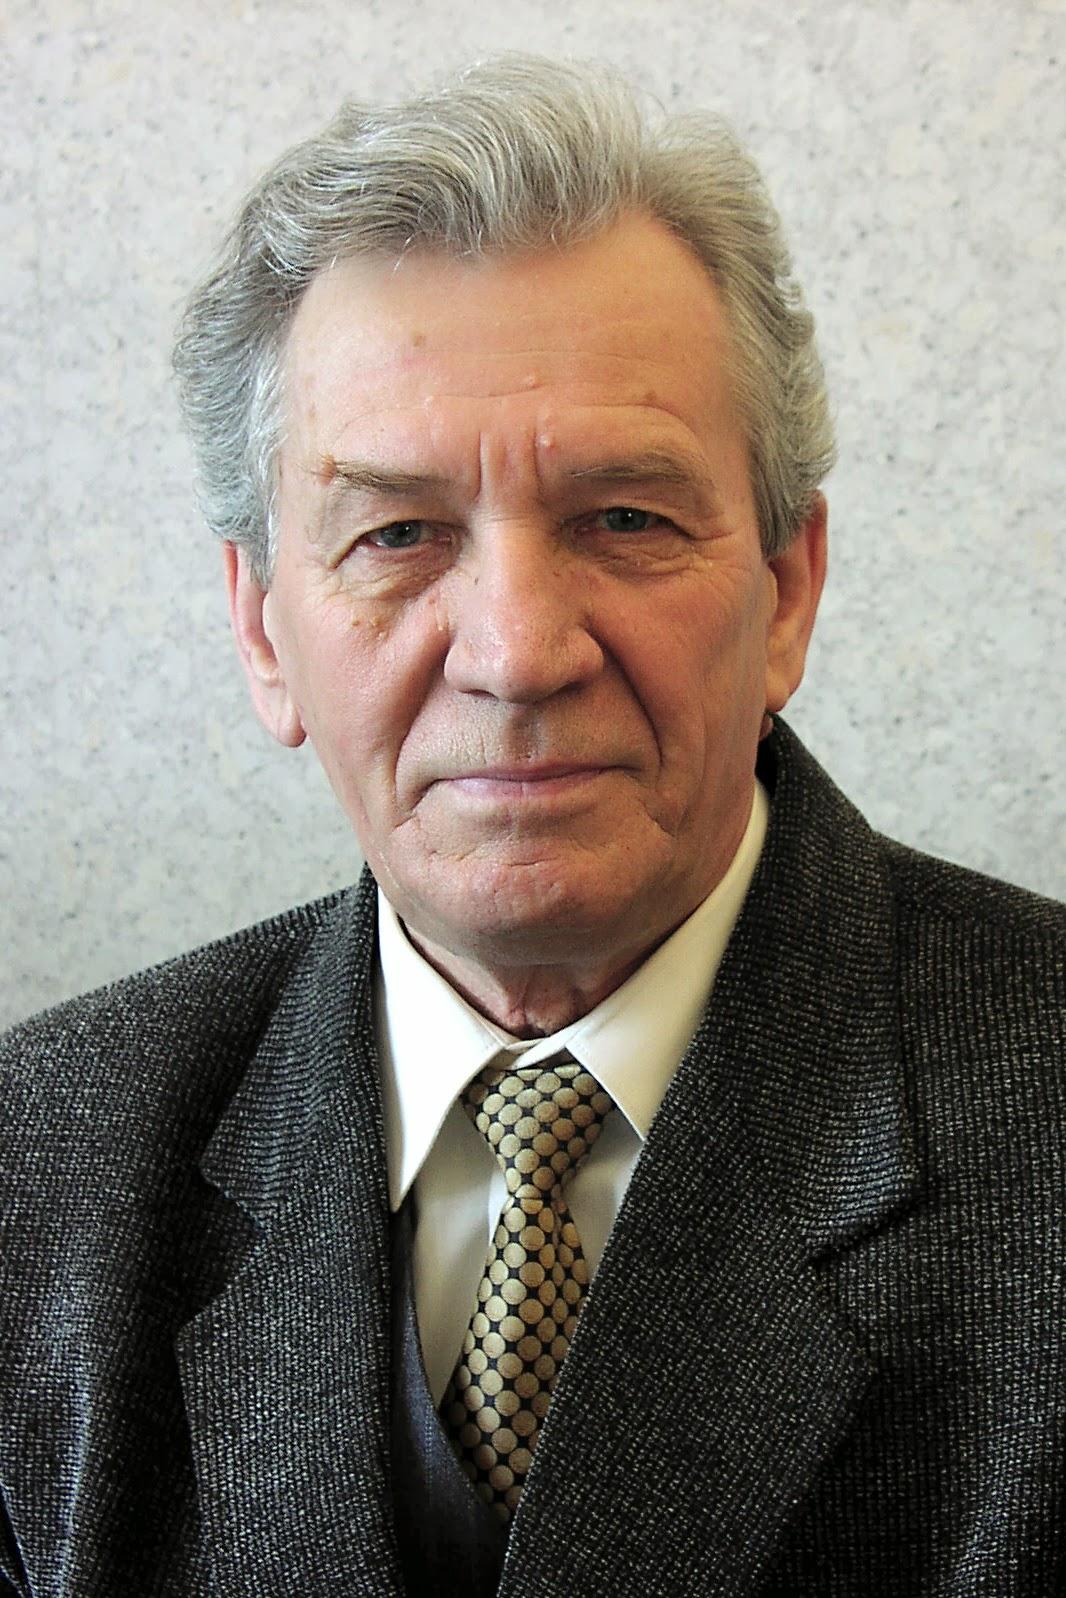 Герман Зверев - Пермь, Пермский край, Россия, 15 years